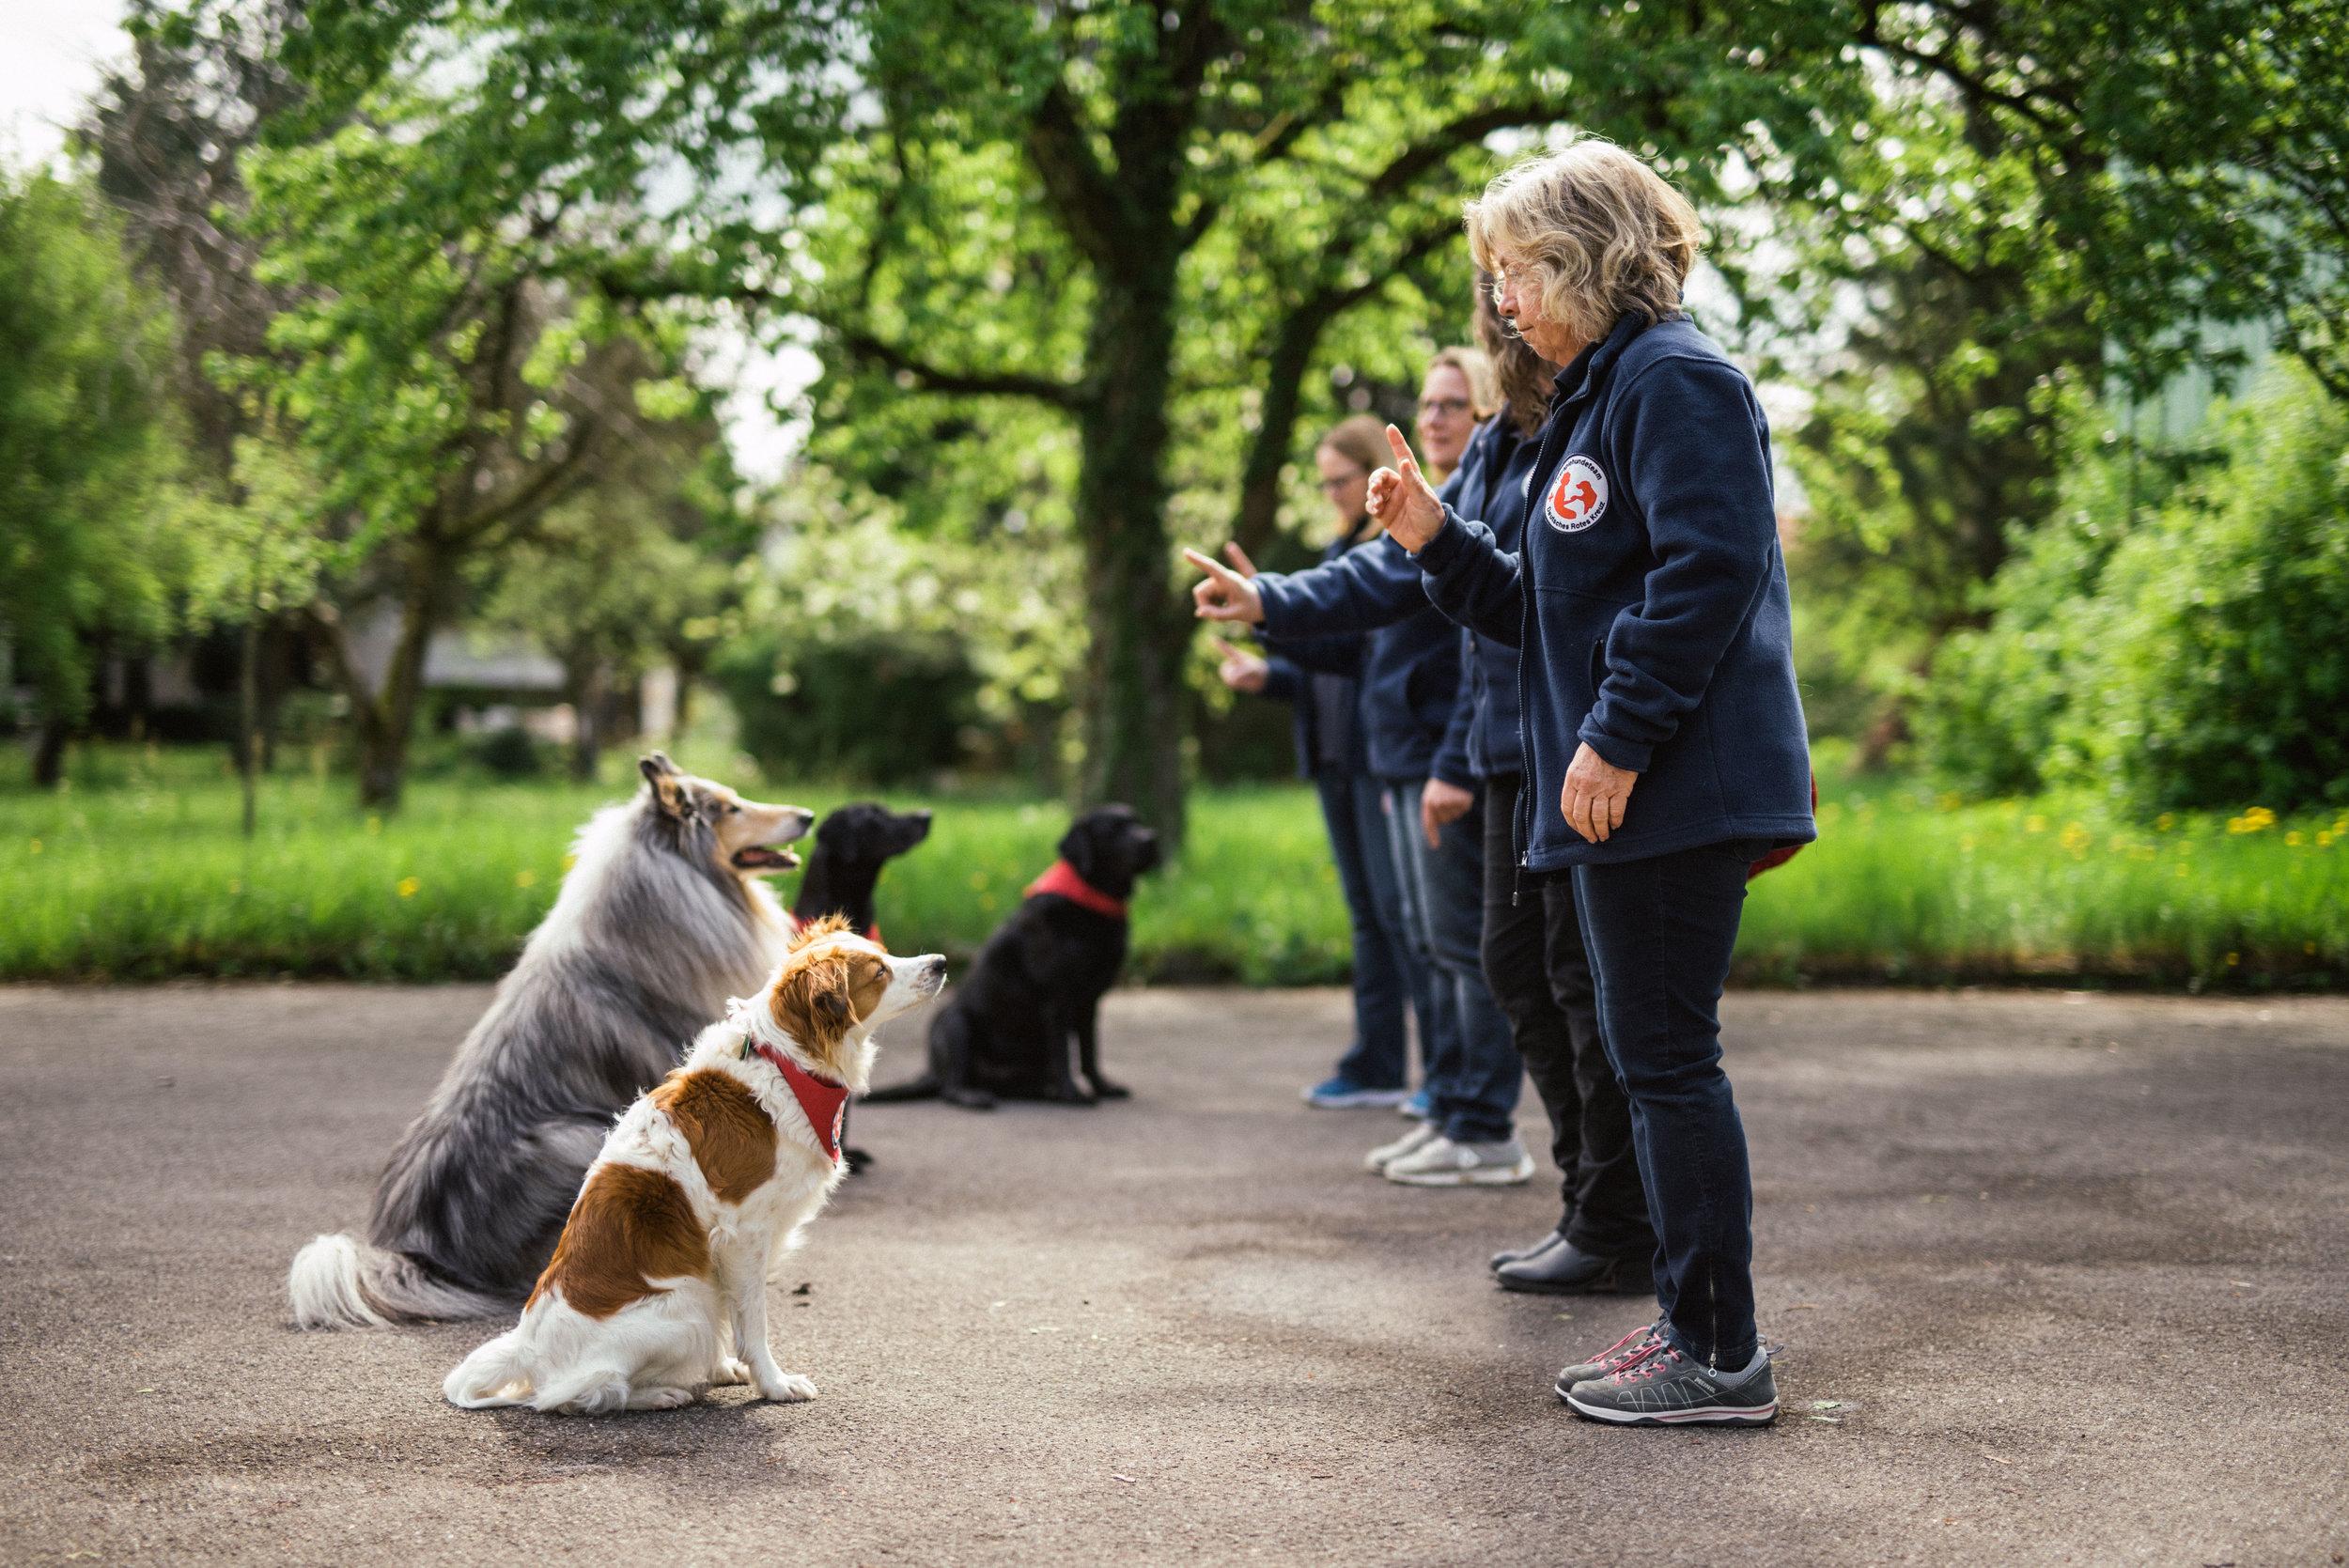 therapiehunde drk - phjsw - 6554.jpg